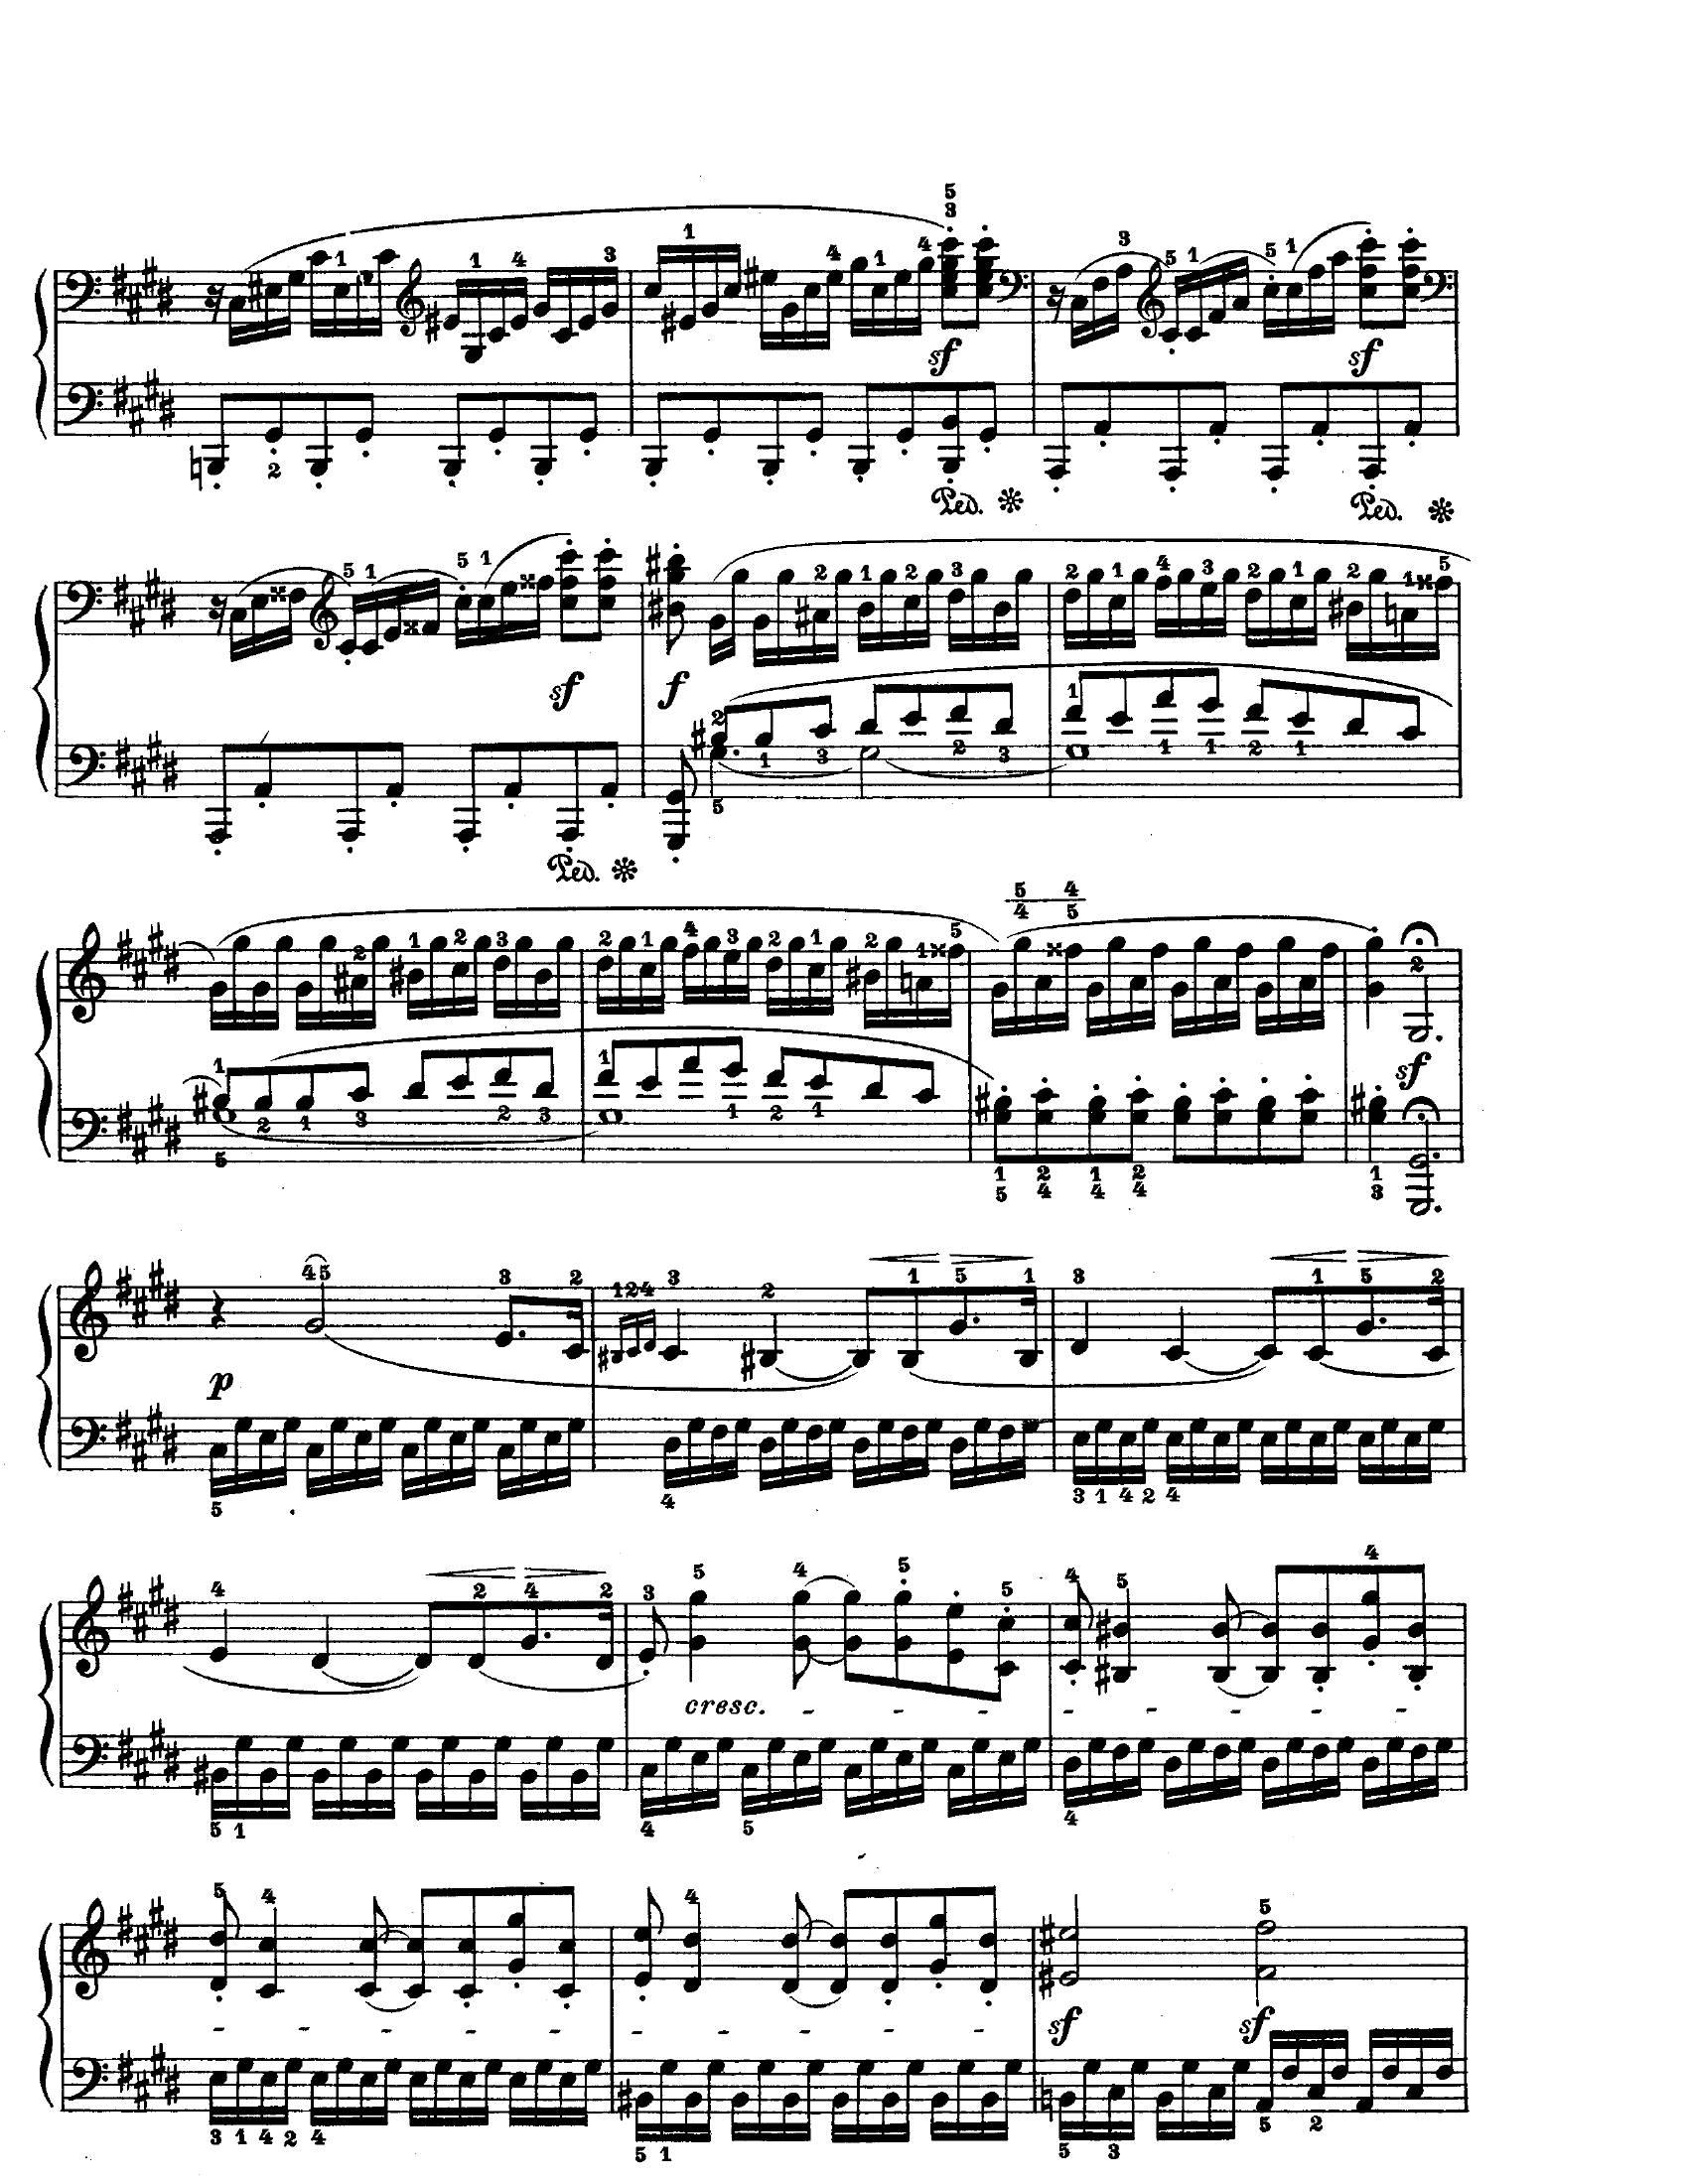 Beethoven Moonlight mov 36 - نت آهنگ Moonlight mov 3 از Beethoven